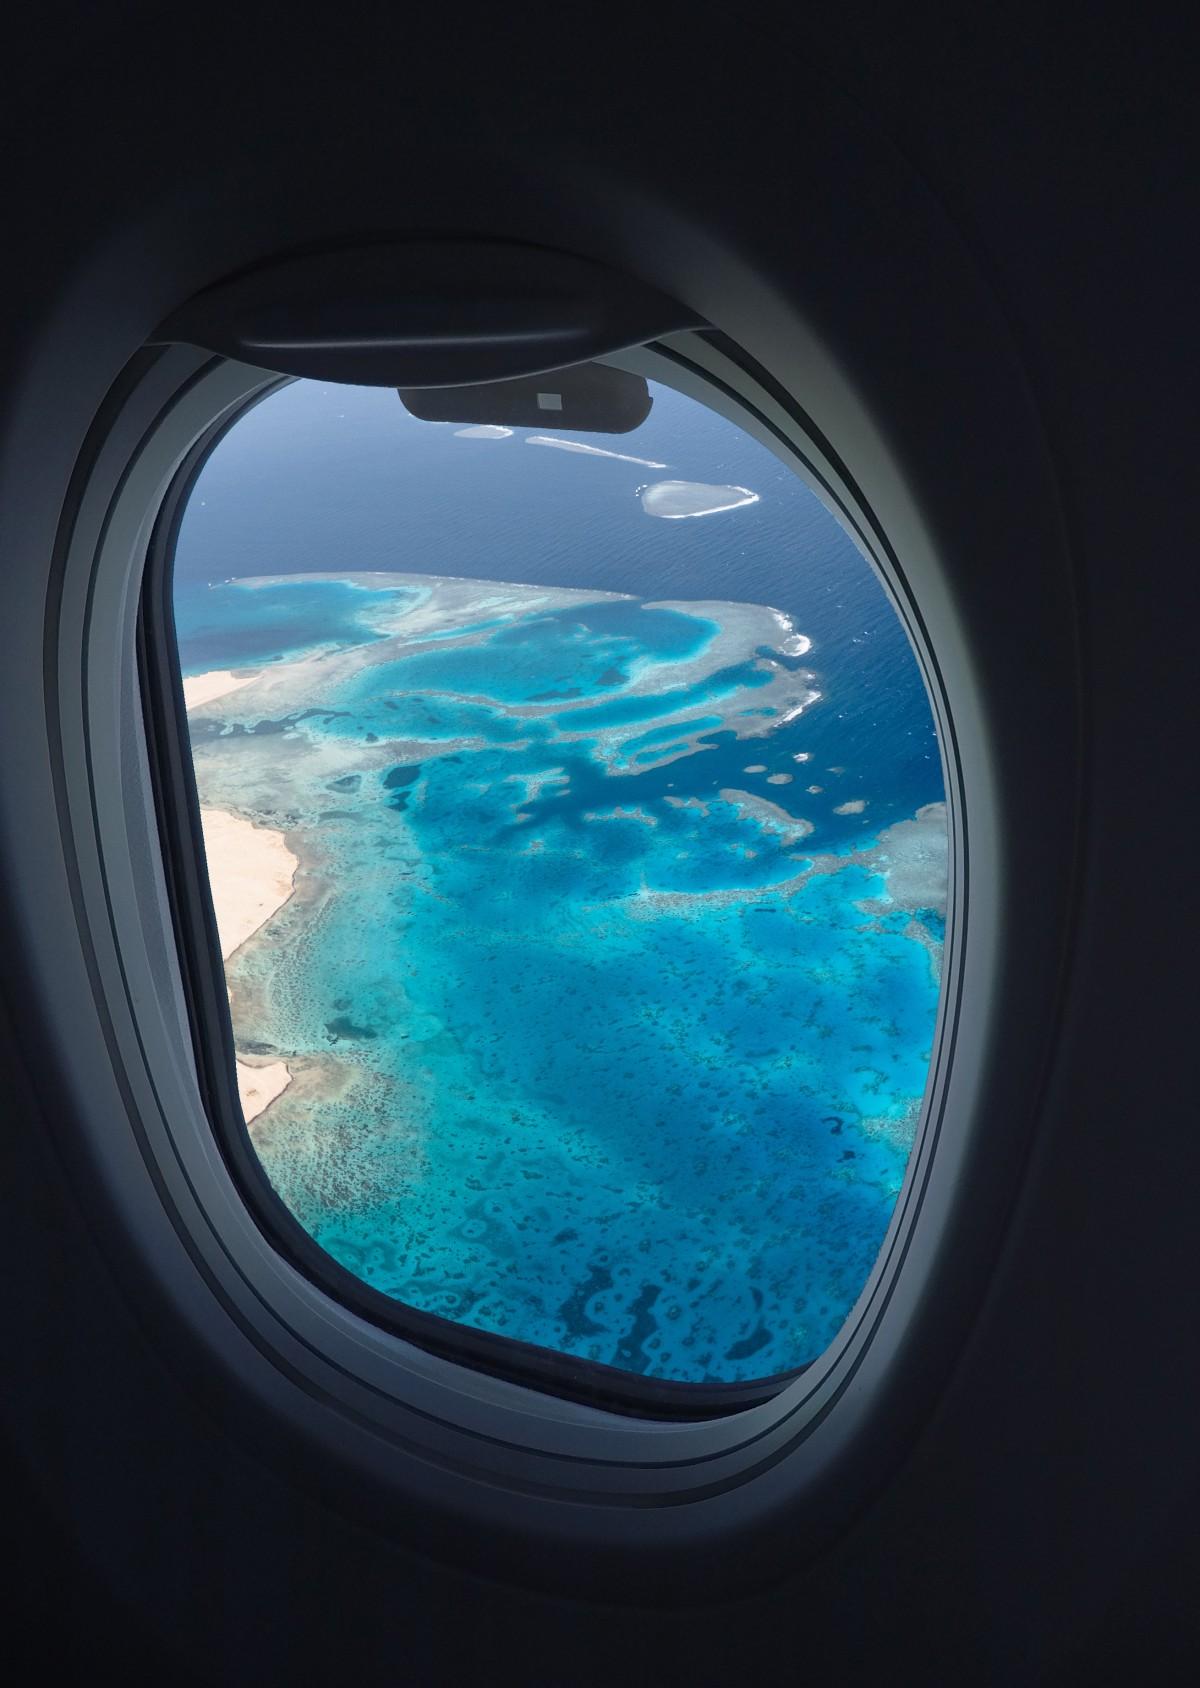 красивый вид из окна самолета фото более, данном